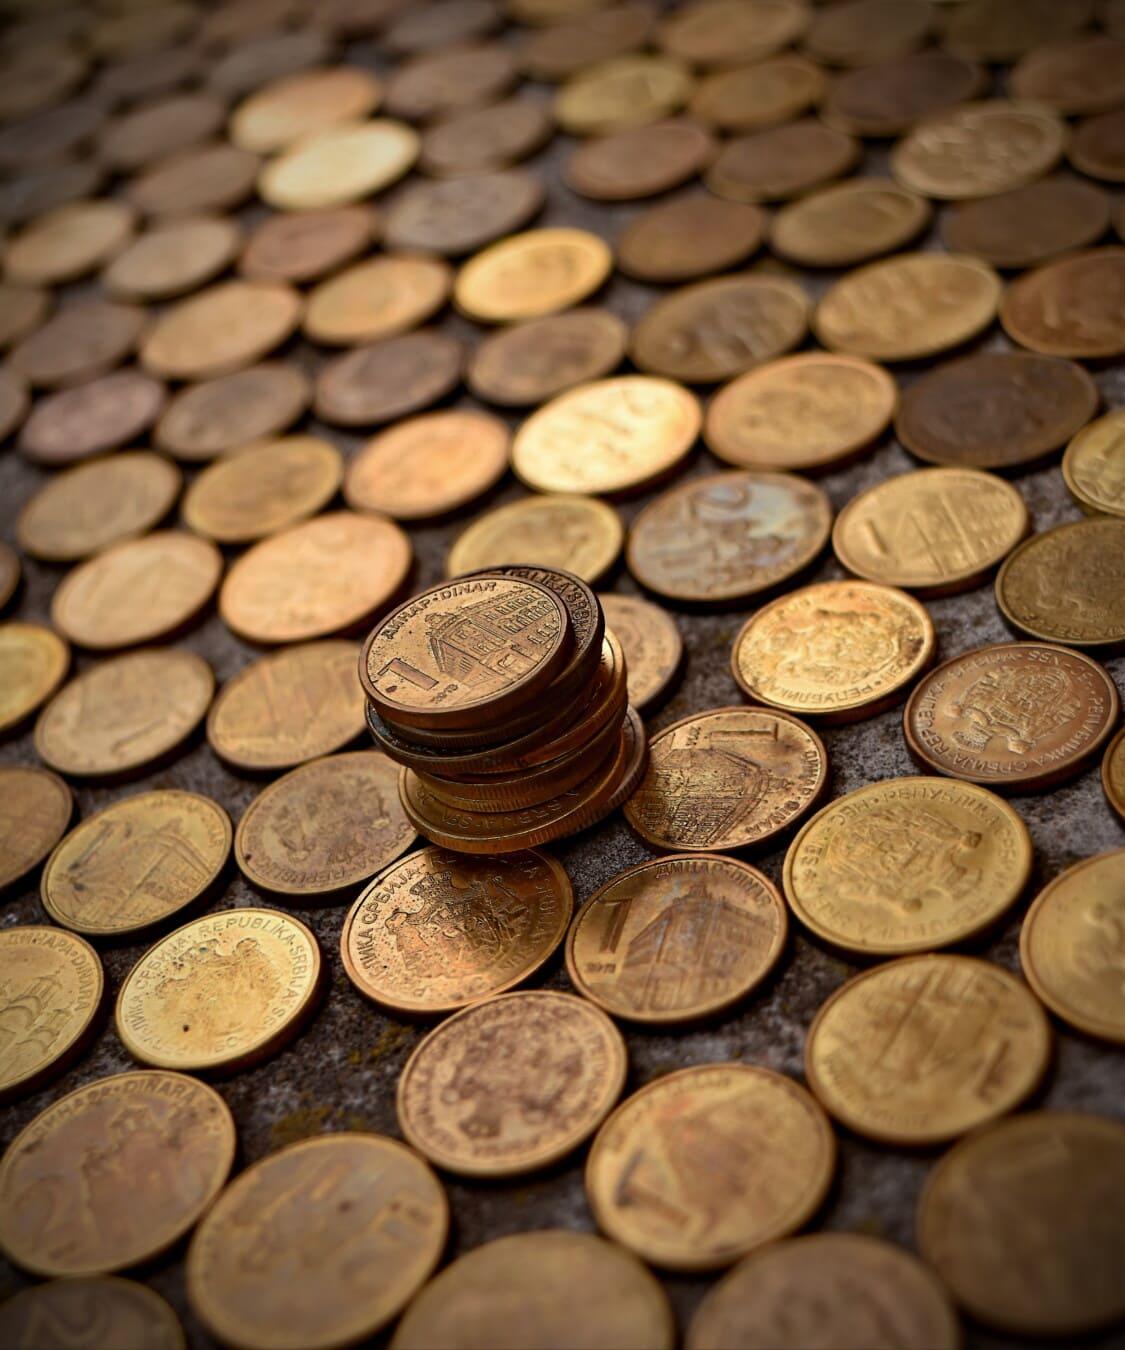 Münzen, Fortune, reiche, Schatz, Geld, Metall, goldener Glanz, Detail, Investition, Textur